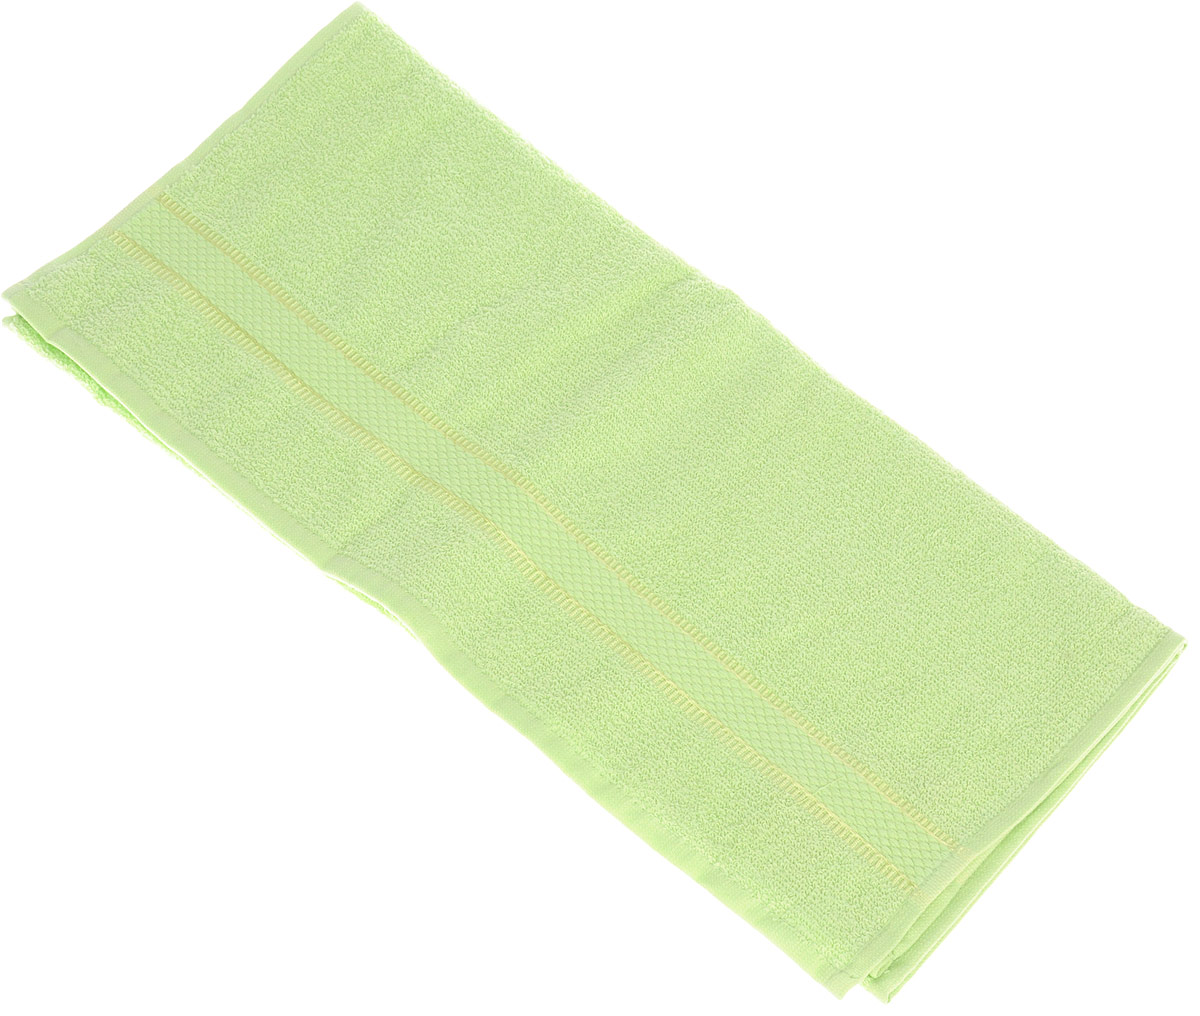 Полотенце Brielle Basic, цвет: зеленый, 50 х 85 см74-0060Полотенце Brielle Basic выполнено из 100% хлопка. Изделие очень мягкое, оно отлично впитывает влагу, быстро сохнет, сохраняет яркость цвета и не теряет формы даже после многократных стирок. Лаконичные бордюры подойдут для любого интерьера ванной комнаты. Полотенце прекрасно впитывает влагу и быстро сохнет. При соблюдении рекомендаций по уходу не линяет и не теряет форму даже после многократных стирок.Полотенце Brielle Basic очень практично и неприхотливо в уходе.Такое полотенце послужит приятным подарком.